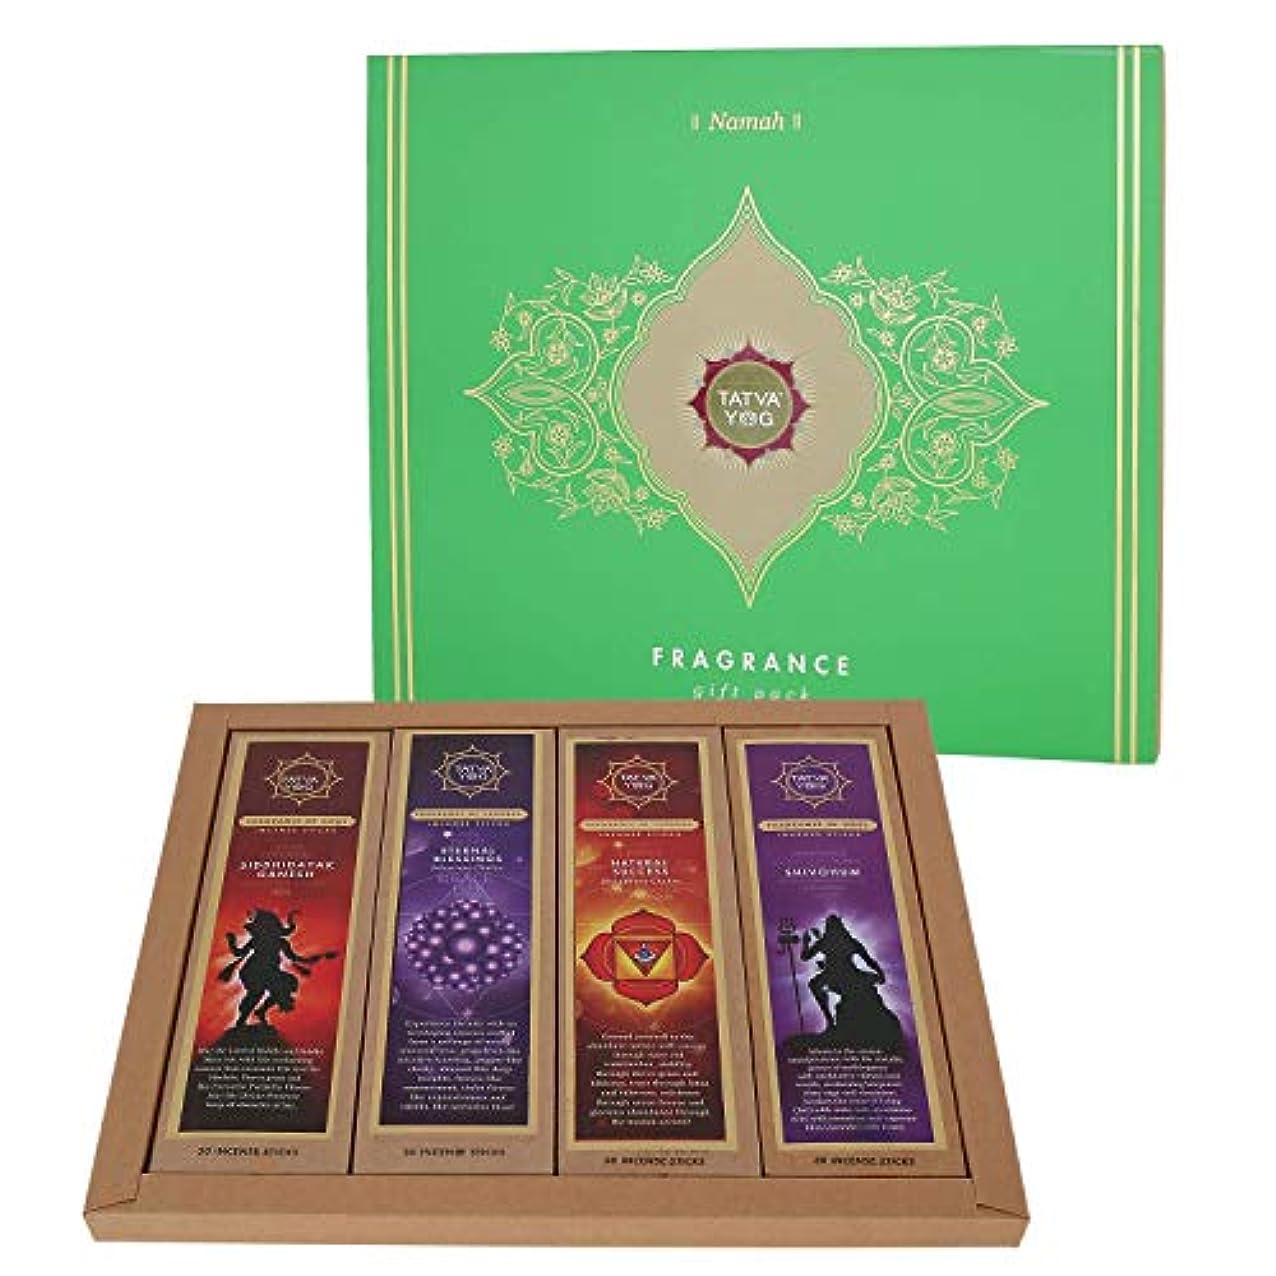 ハント啓発するブルゴーニュYog Namah Premium Wooden Incense Sticks - Extraordinary Fragrances - Pack Of 4